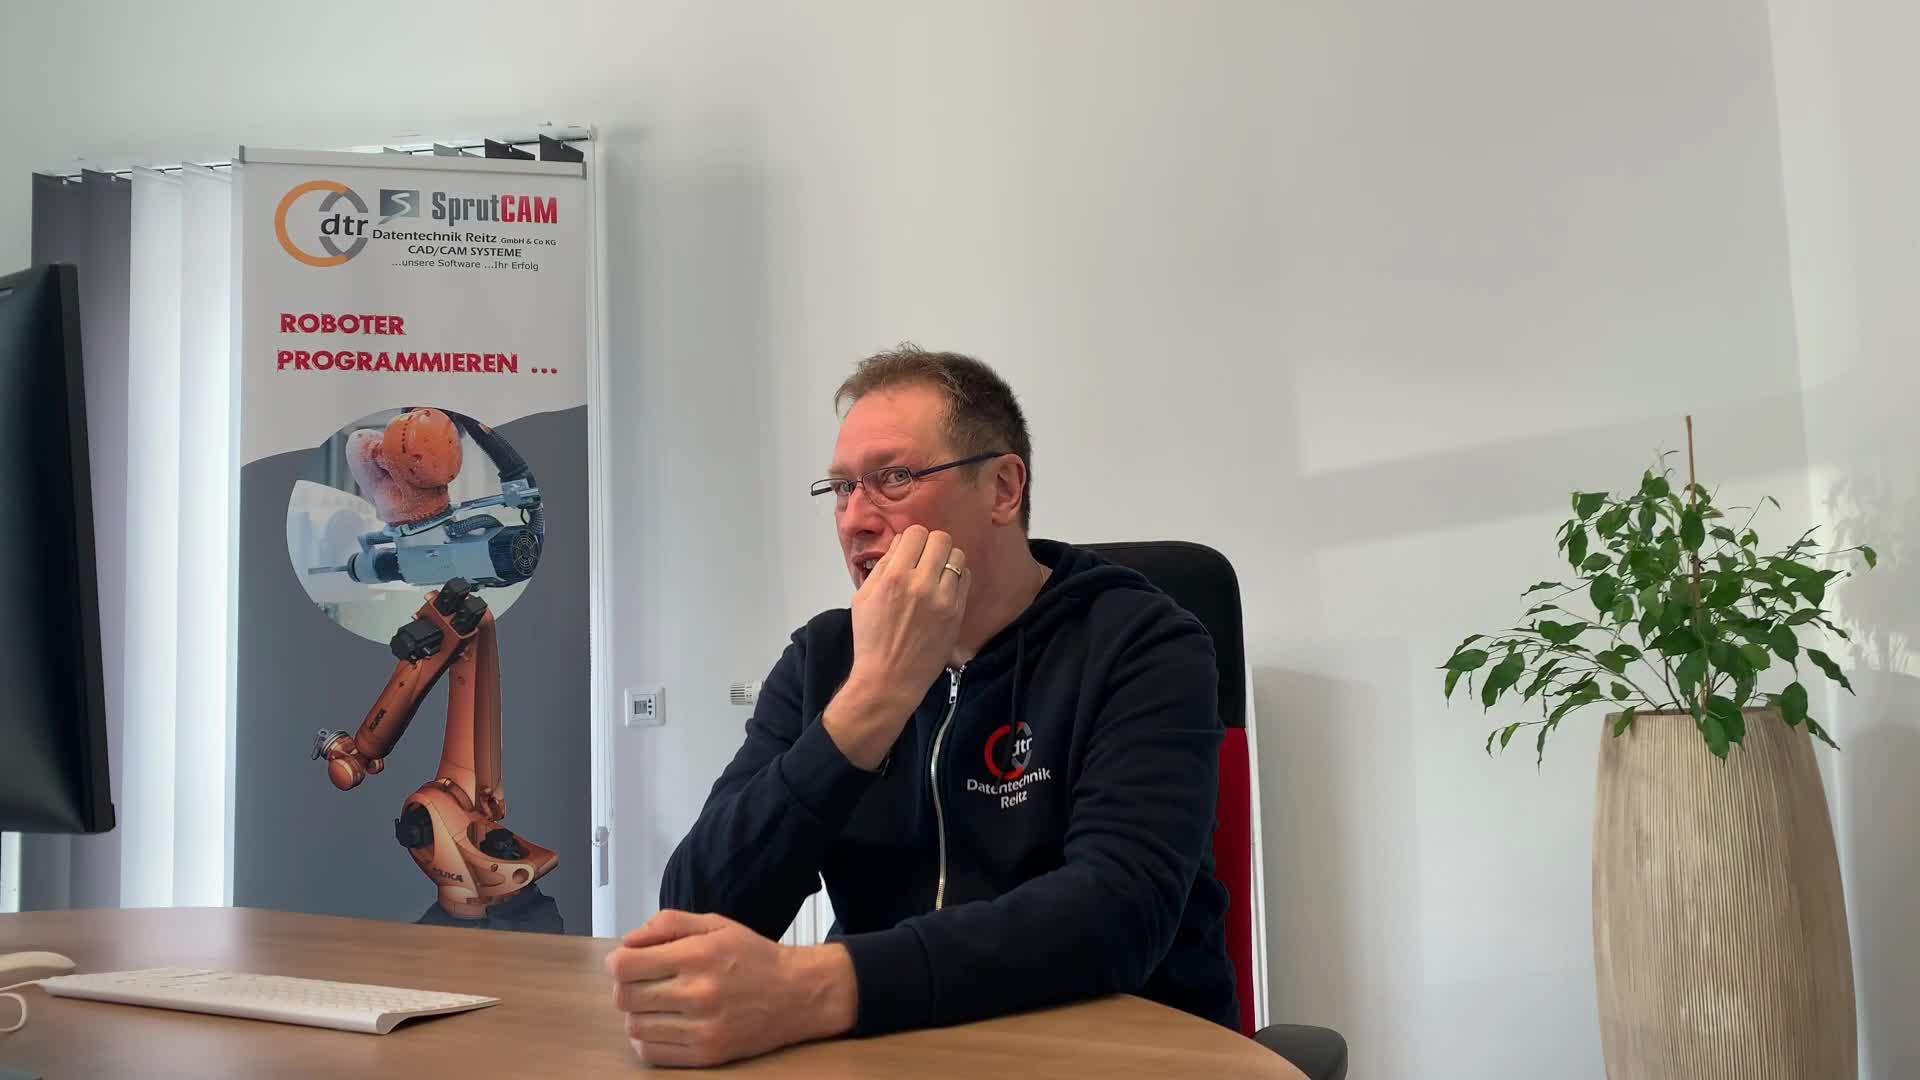 25 Jahre Datentechnik Reitz - Interview Teil 3/6